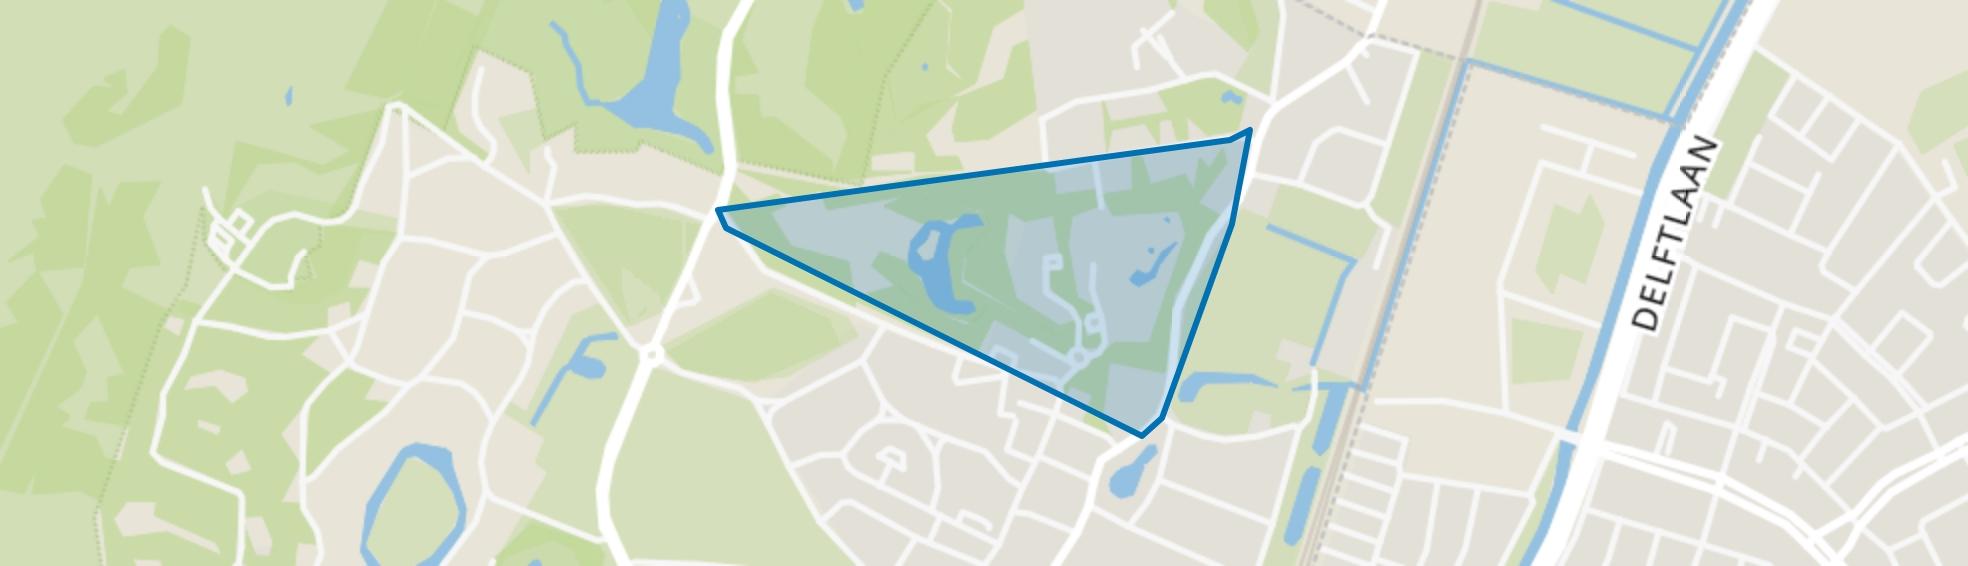 Wildhoef, Bloemendaal map